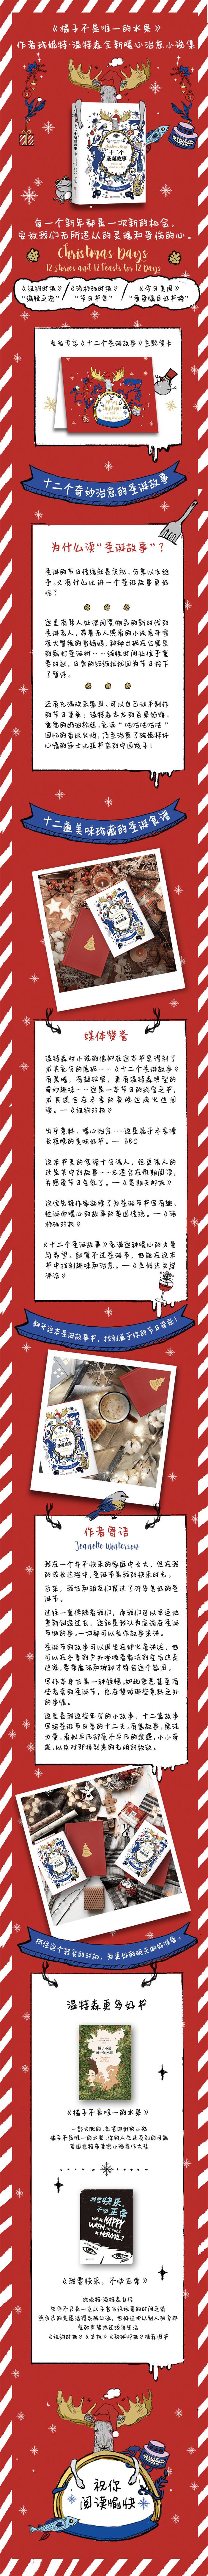 十二个圣诞故事插图.jpg